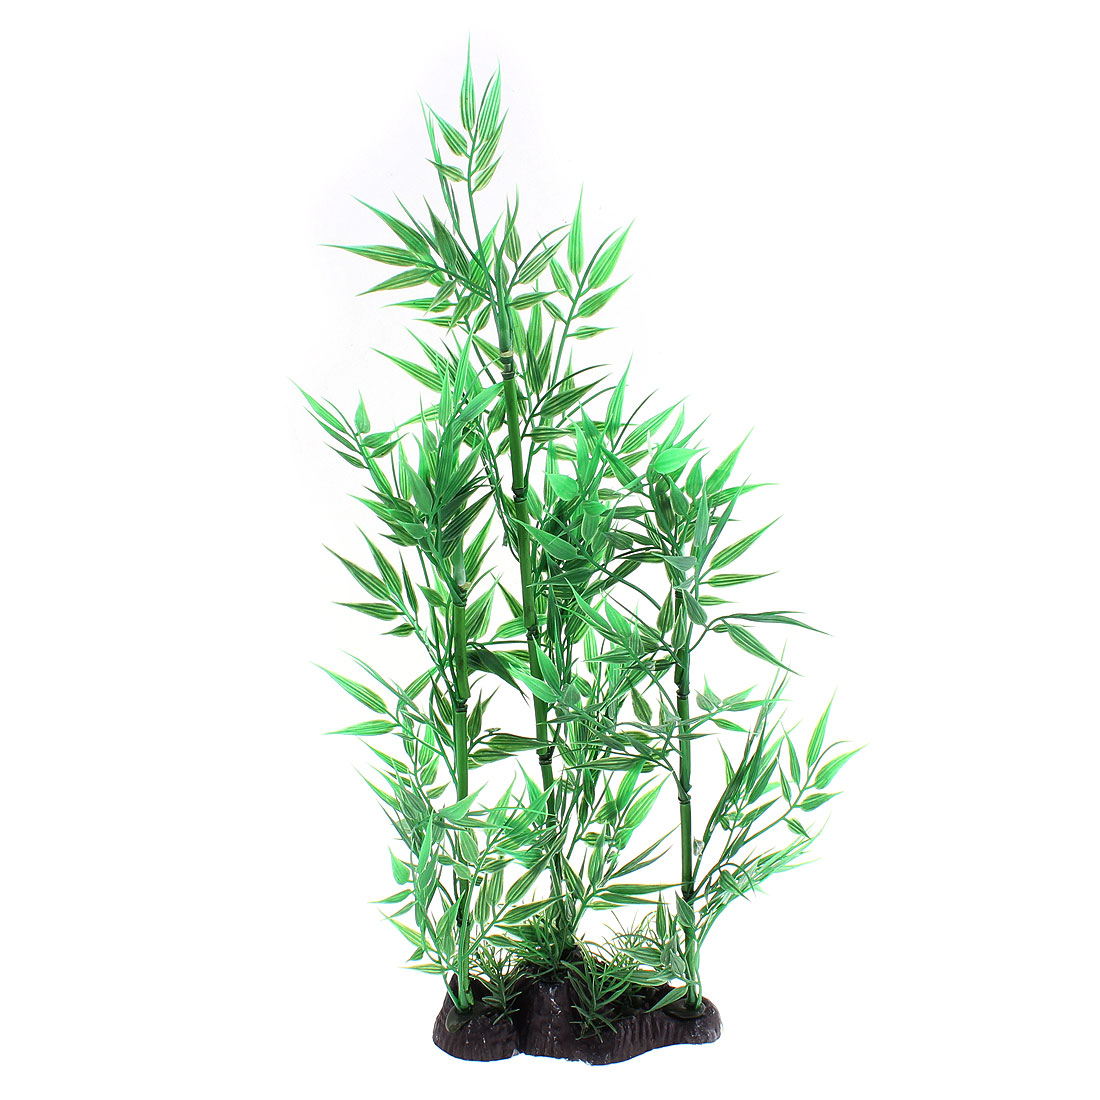 Aquarium Simulation Aquatic Bamboo Leaves Plant Decoration 36cm Height